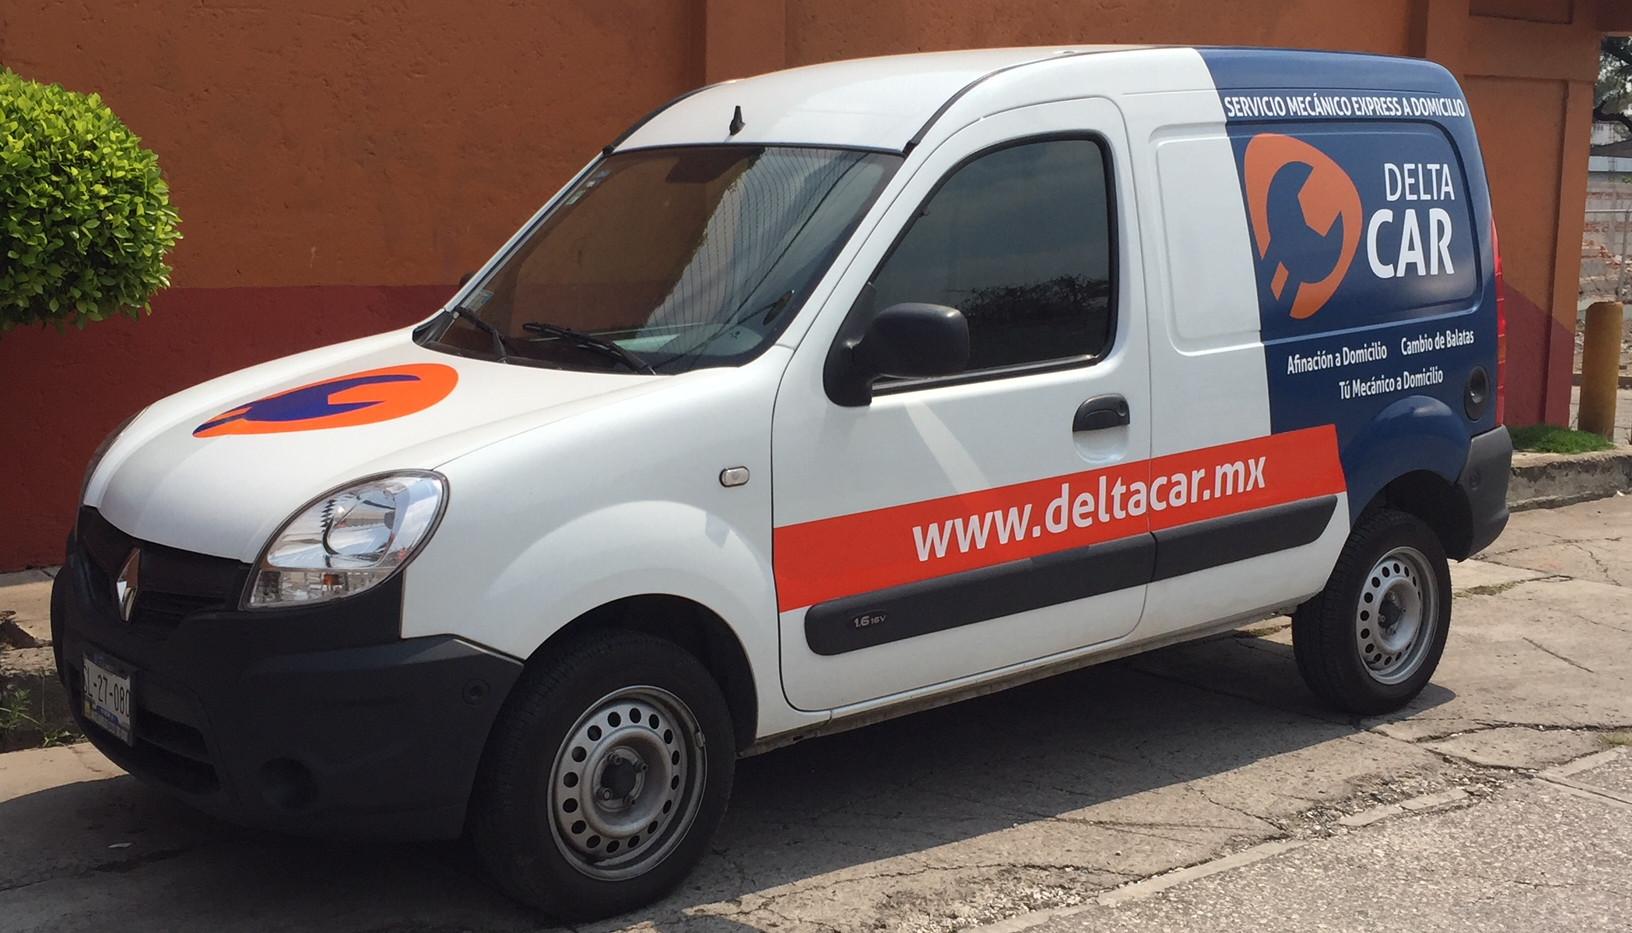 Rotluación_Vehicular_Puebla.JPG